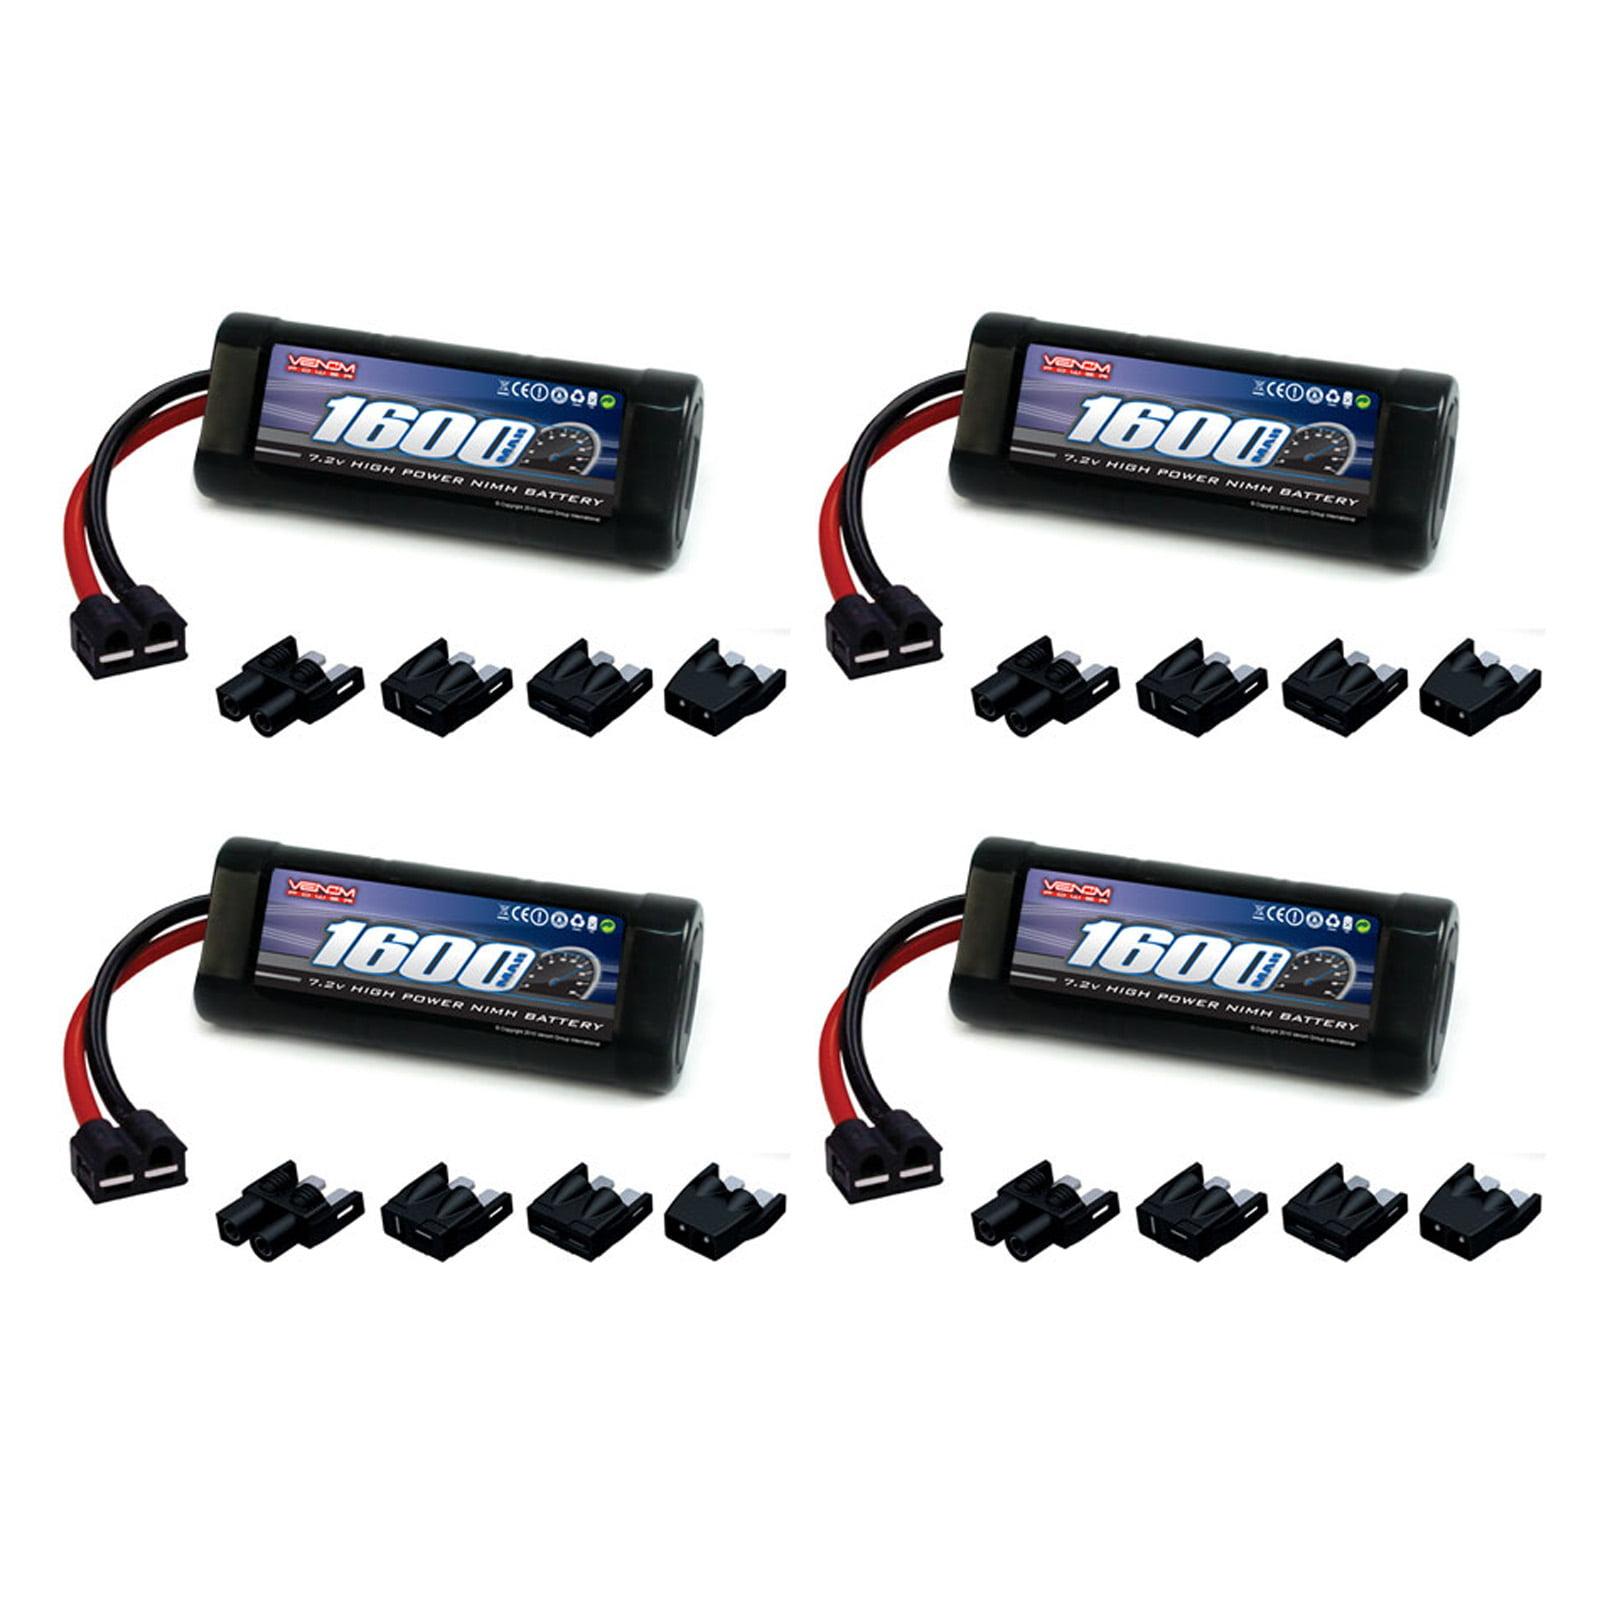 Venom 7.2V 1600mAh 6-Cell NiMH Battery with Universal Plug (EC3/Deans/Traxxas/Tamiya) x4 Packs